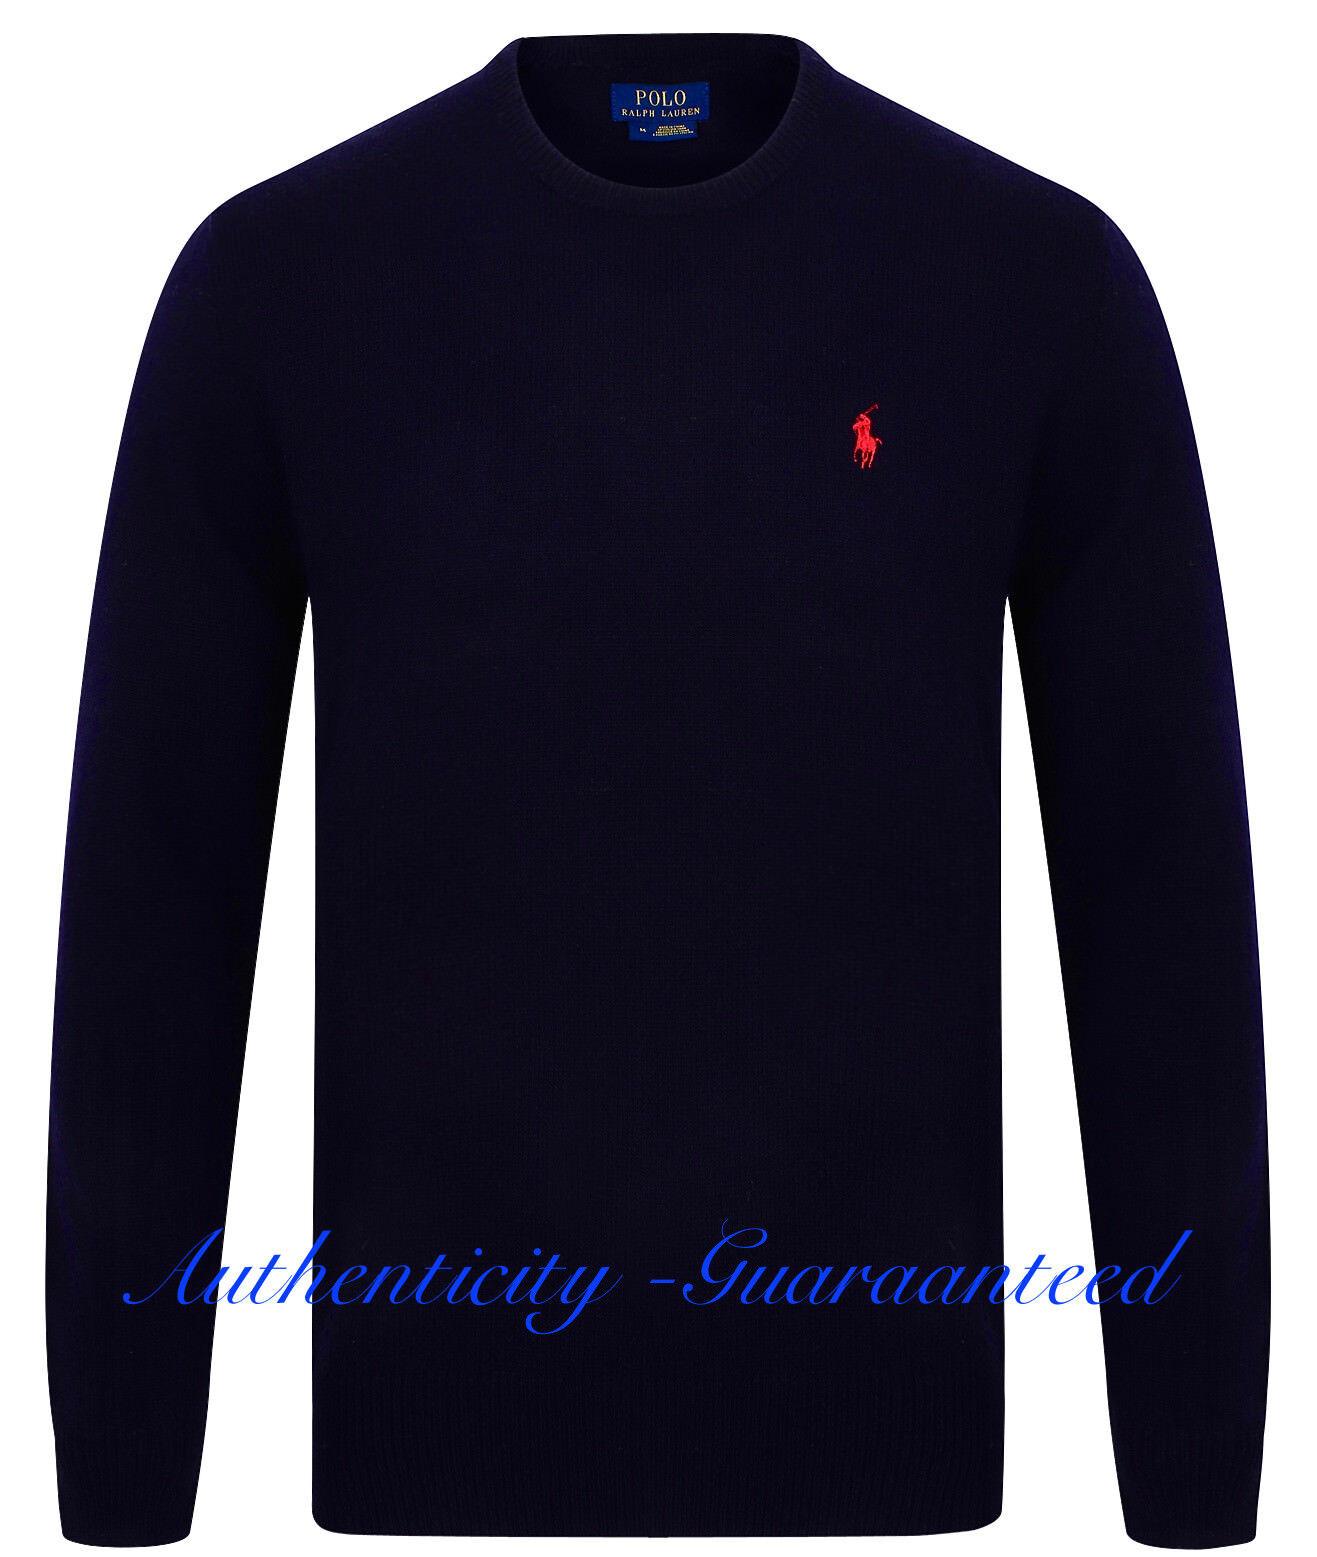 Ralph LAUREN uomo uomo uomo Lana D'Agnello Crew maglione a girocollo Blu Scuro Grigio M-XXL Prezzo Consigliato 7b925c